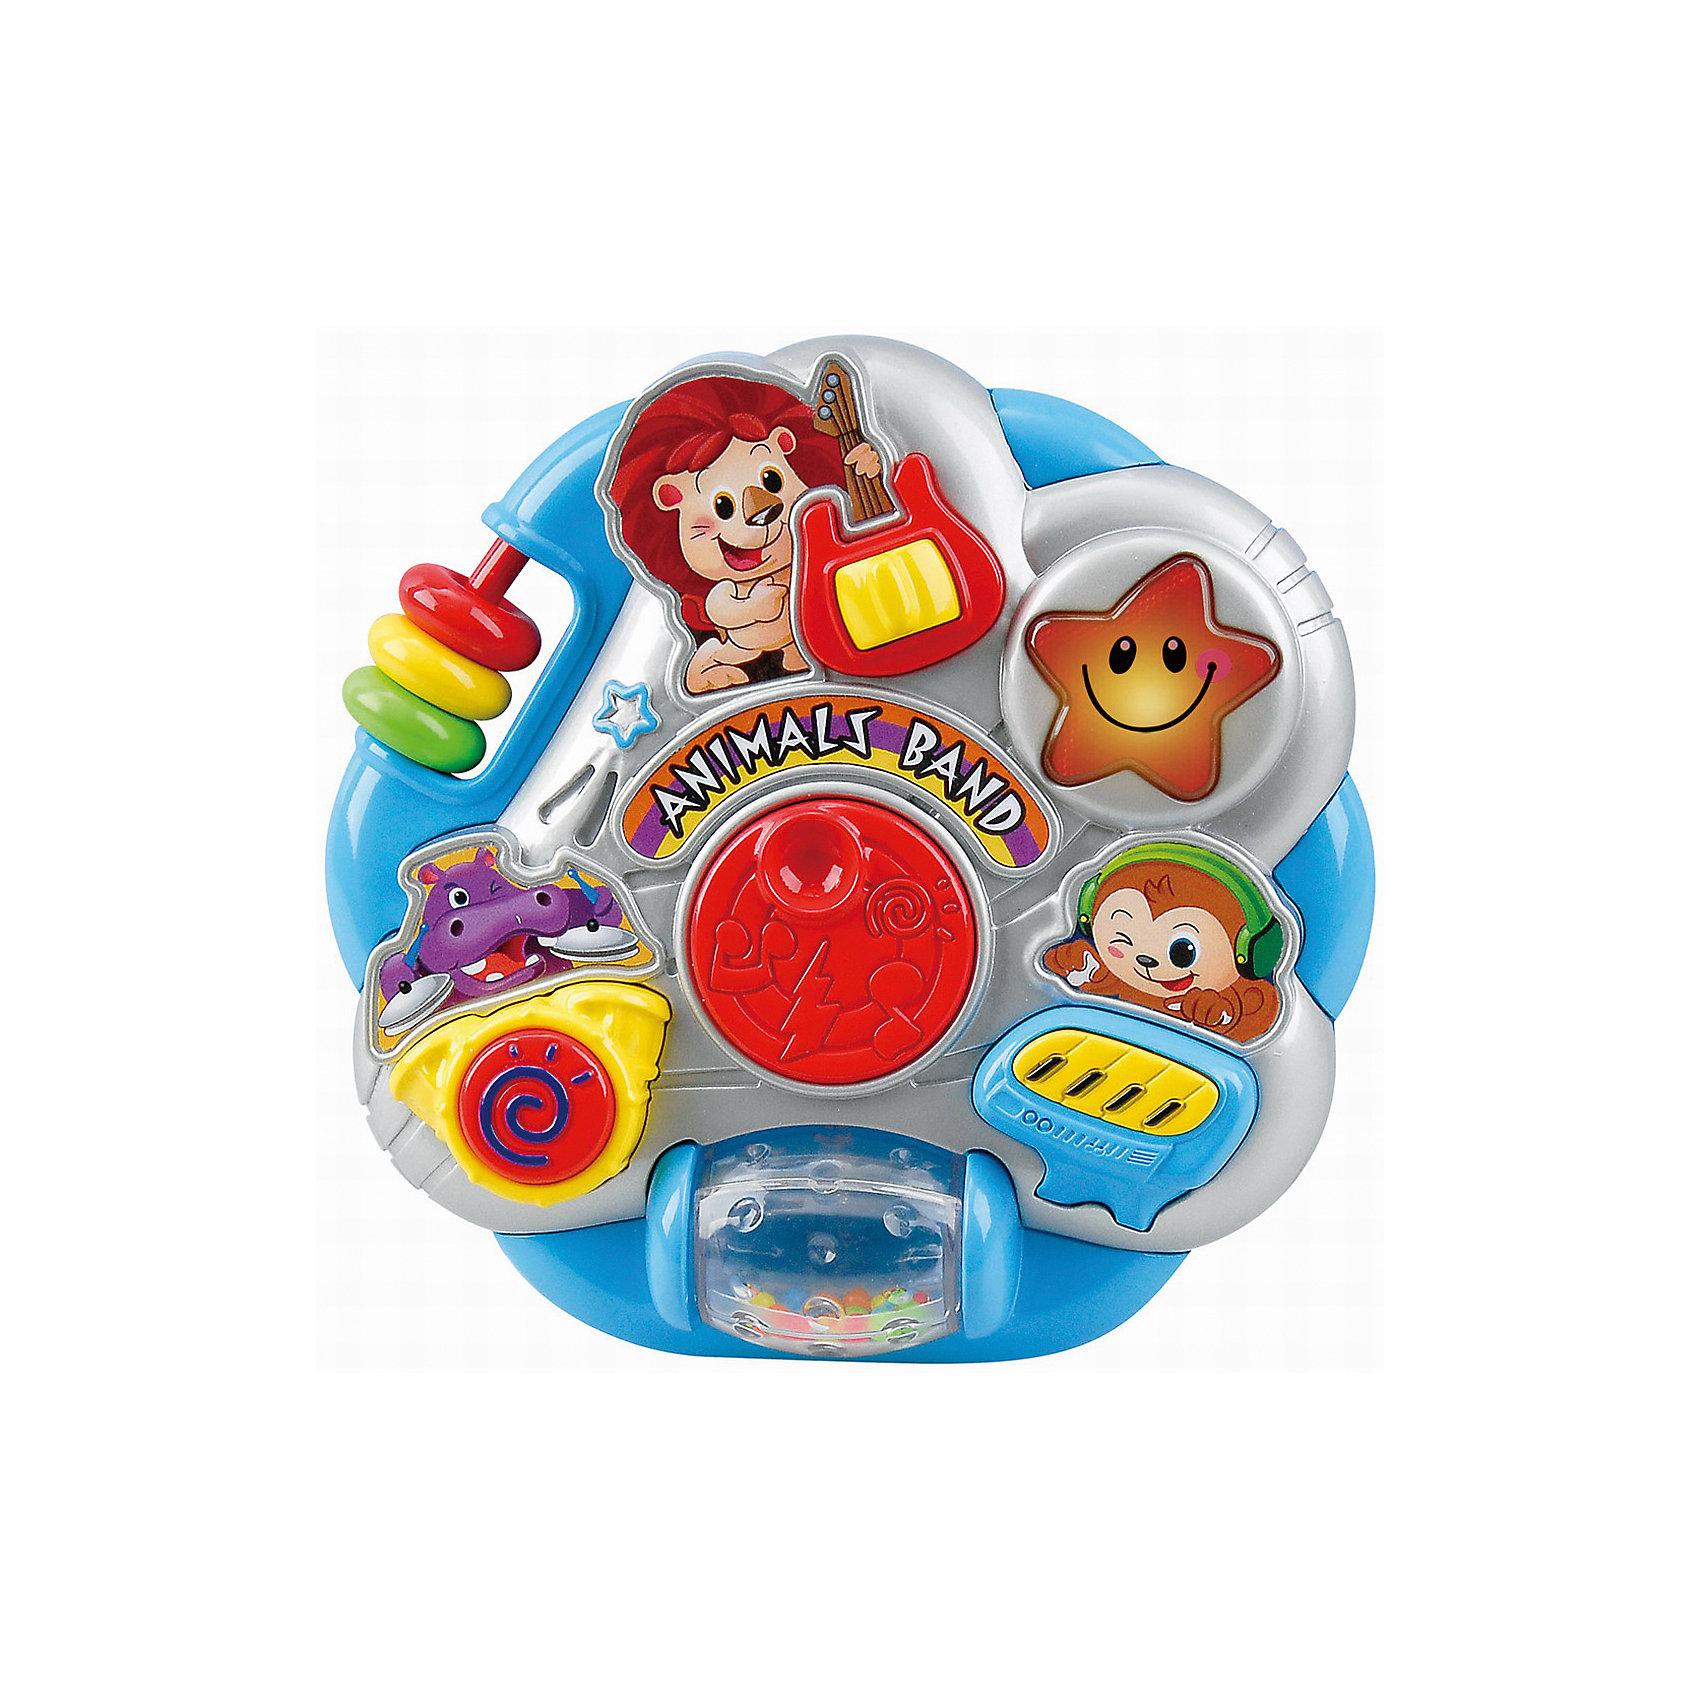 Развивающая игрушка Оркестр с животными, PlaygoРазвивающие игрушки<br>Развивающая игрушка Оркестр с животными, Playgo<br><br>Характеристики:<br><br>- Материал: пластик<br>- В комплект входит: игрушка, батарейки 2шт. <br>- Элементы питания: батарейки АА<br>- Размер упаковки: 34 * 20 * 2 см.<br>- Вес: 384 гр.<br><br>Оркестр с животными от известного китайского бренда развивающих игрушек для детей Playgo (Плейго) станет прекрасным подарком для крохи. Львенок, бегемотик, обезьянка и звездочка решили создать свою музыкальную группу, но они не смогут хорошо играть без помощи малыша. В группе есть гитарист, клавишник и барабанщик, ребенку нужно нажимать на кнопки, чтобы помочь им играть. Кроме того, на пластиковой игрушке имеется крутящийся барабан и двигающиеся цветные колечки. Изготовленная из качественного пластика, яркая игрушка поможет развить тактильные ощущения, звуковое восприятие, воображение, световое восприятие и моторику ручек. Небольшой размер позволит брать веселую игрушку на прогулку или в поездку.<br><br>Развивающую игрушку Оркестр с животными, Playgo (Плейго) можно купить в нашем интернет-магазине.<br><br>Ширина мм: 210<br>Глубина мм: 200<br>Высота мм: 55<br>Вес г: 384<br>Возраст от месяцев: 6<br>Возраст до месяцев: 24<br>Пол: Унисекс<br>Возраст: Детский<br>SKU: 5054052